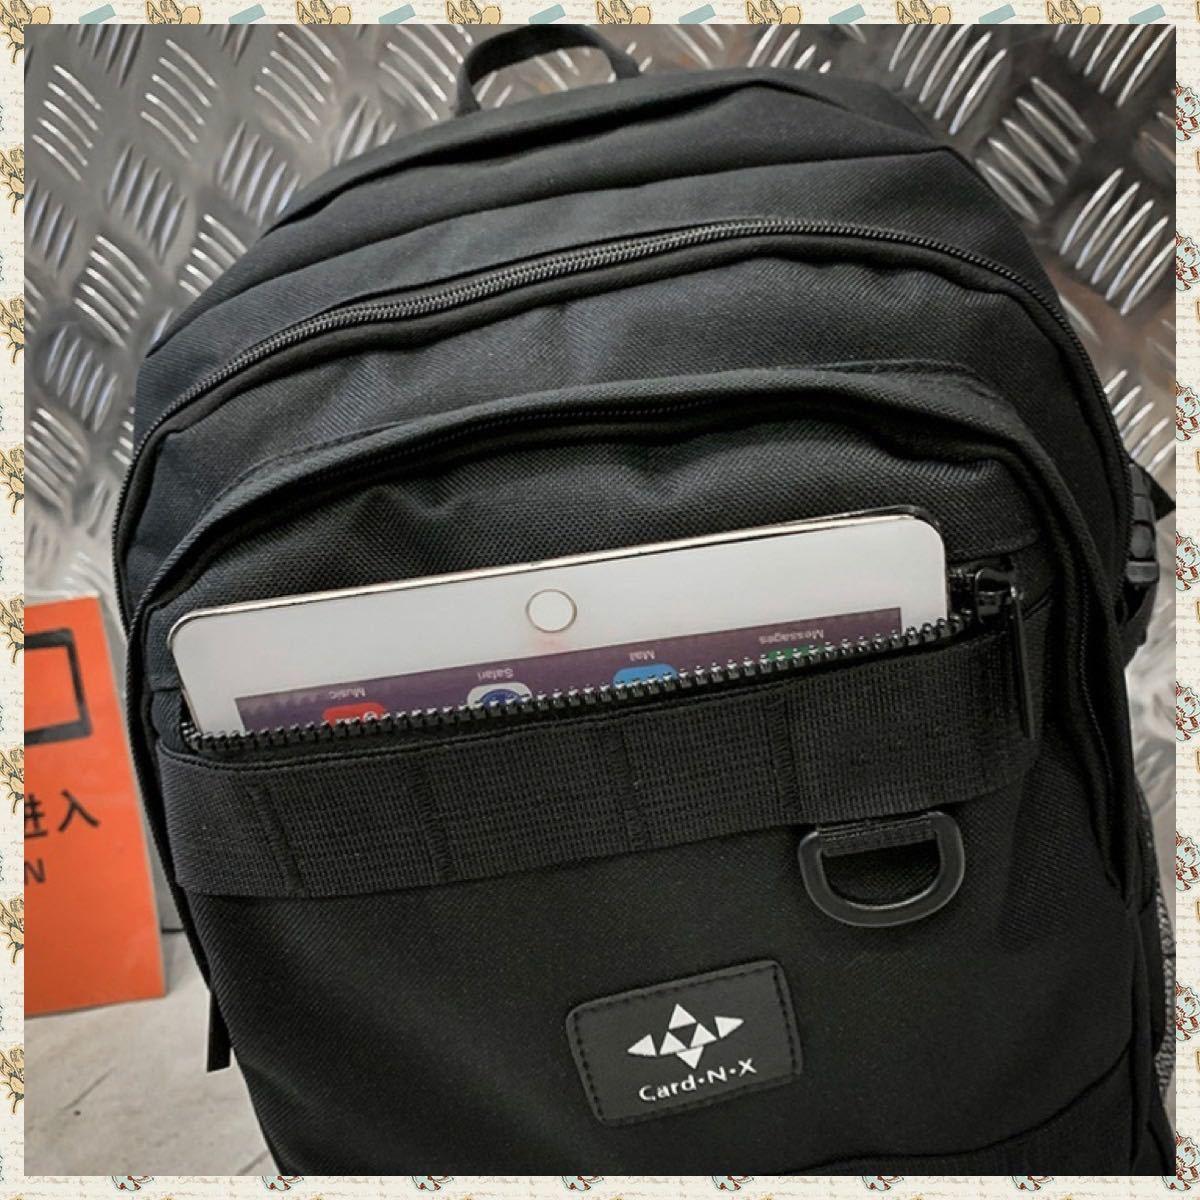 バックパック 男女兼用 大容量 盗難防止 リュック ブラック パソコンもスッポリ 旅行 アウトドア